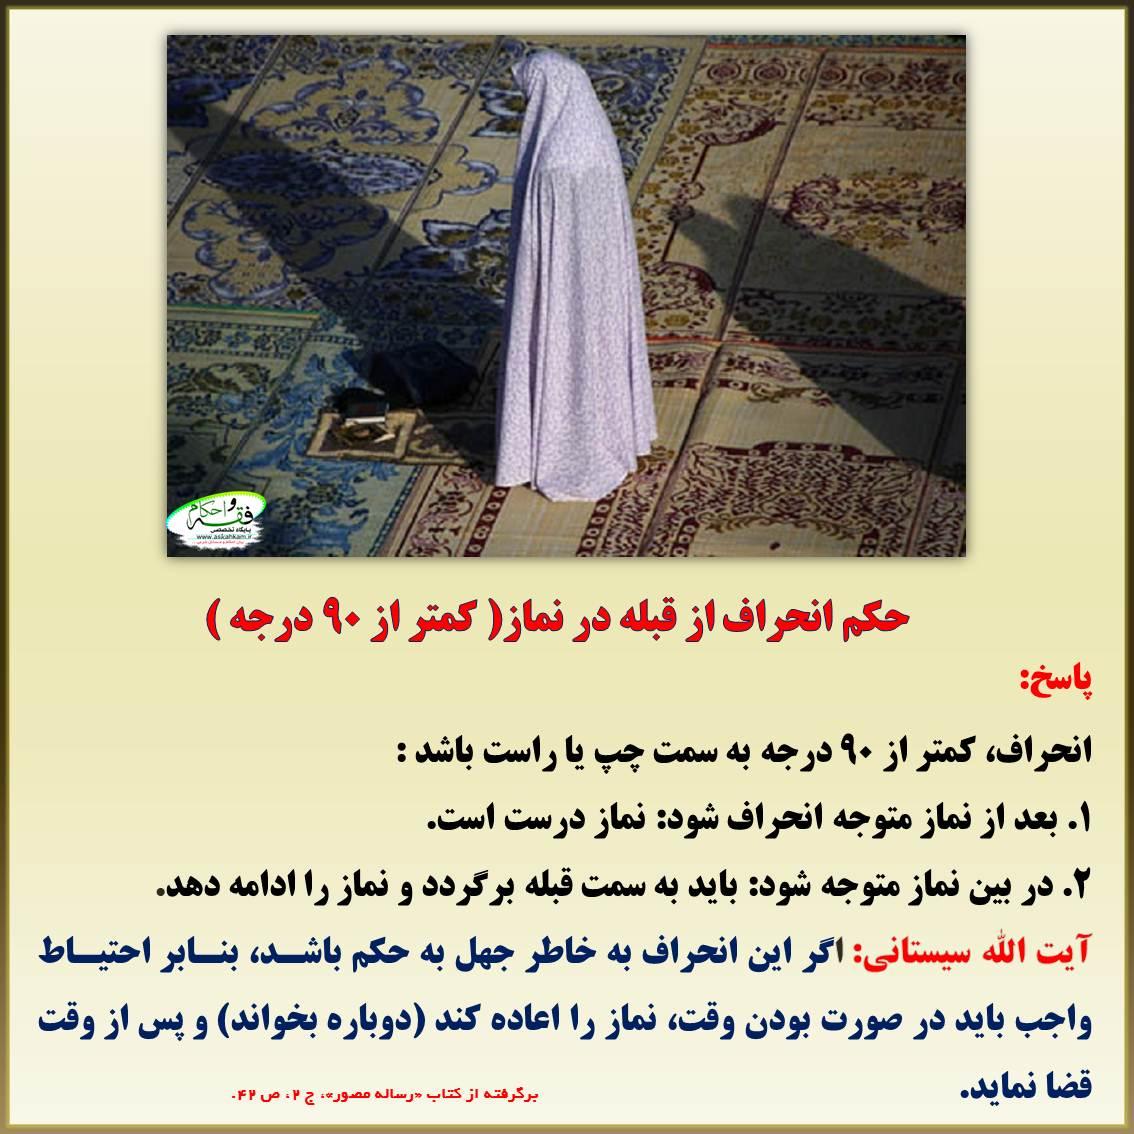 حکم انحراف از قبله در نماز( کمتر از ۹۰ درجه